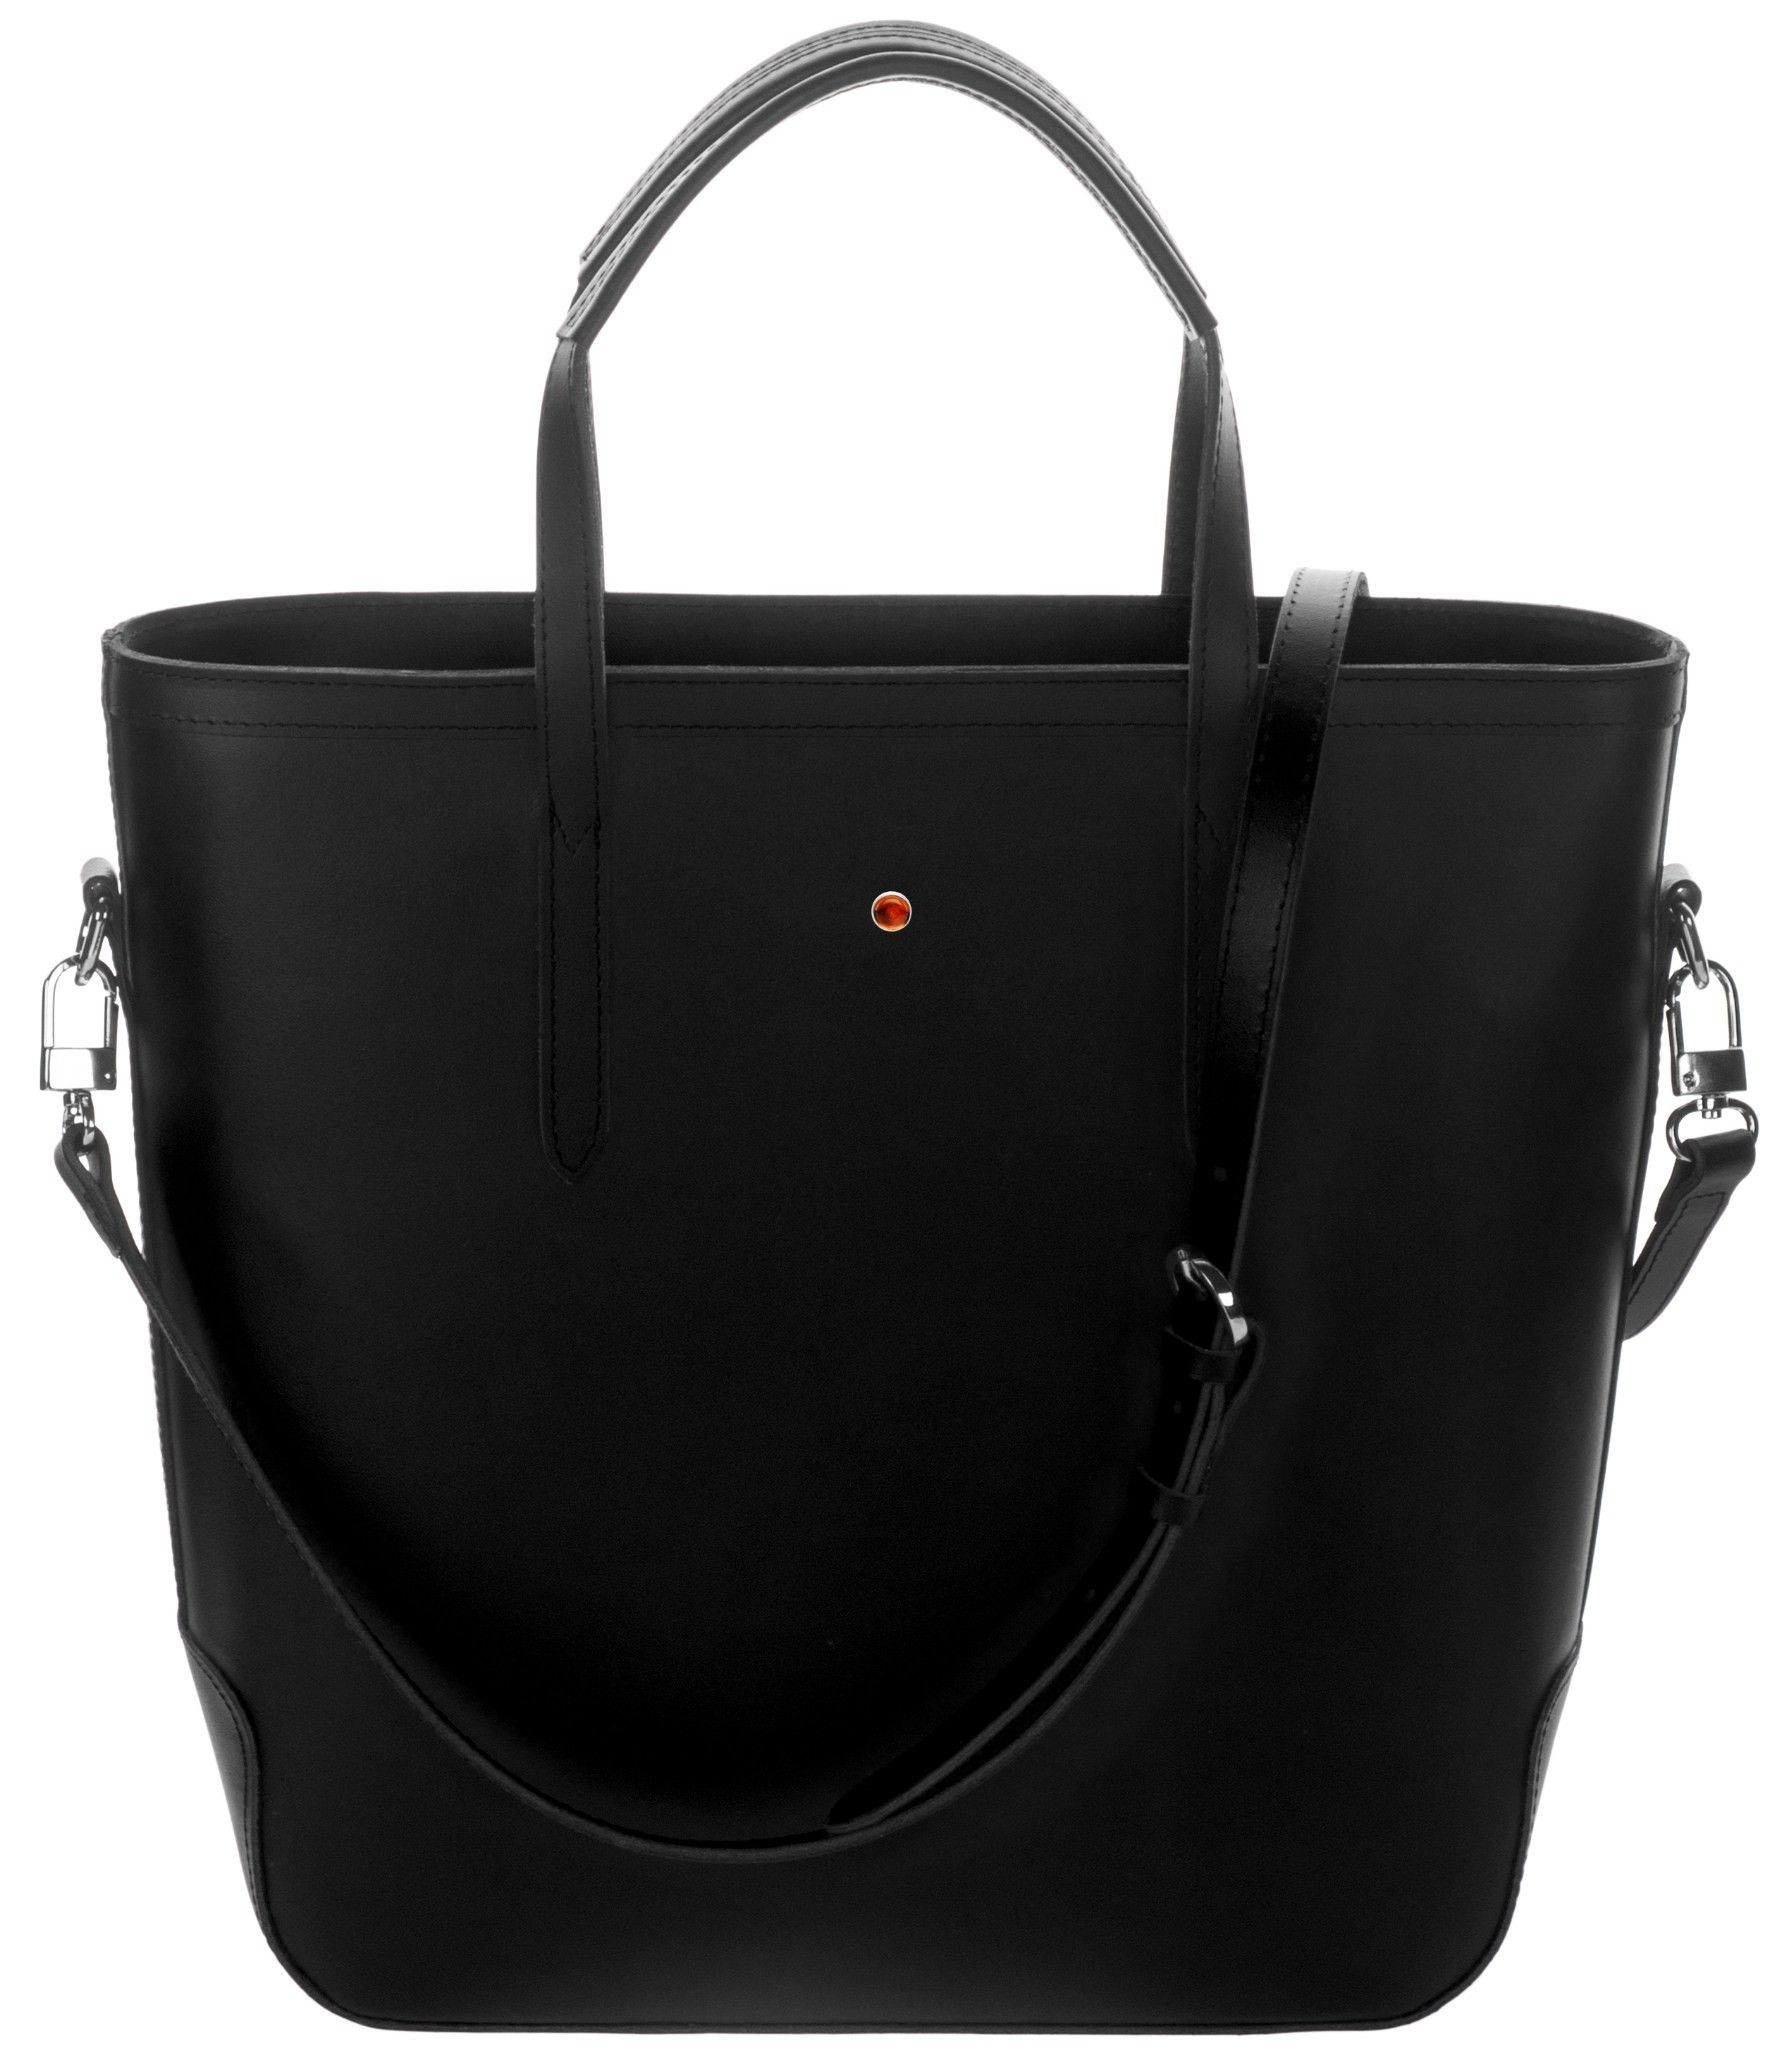 Rock U Torebki City Bags Top Handle Bag Handbags